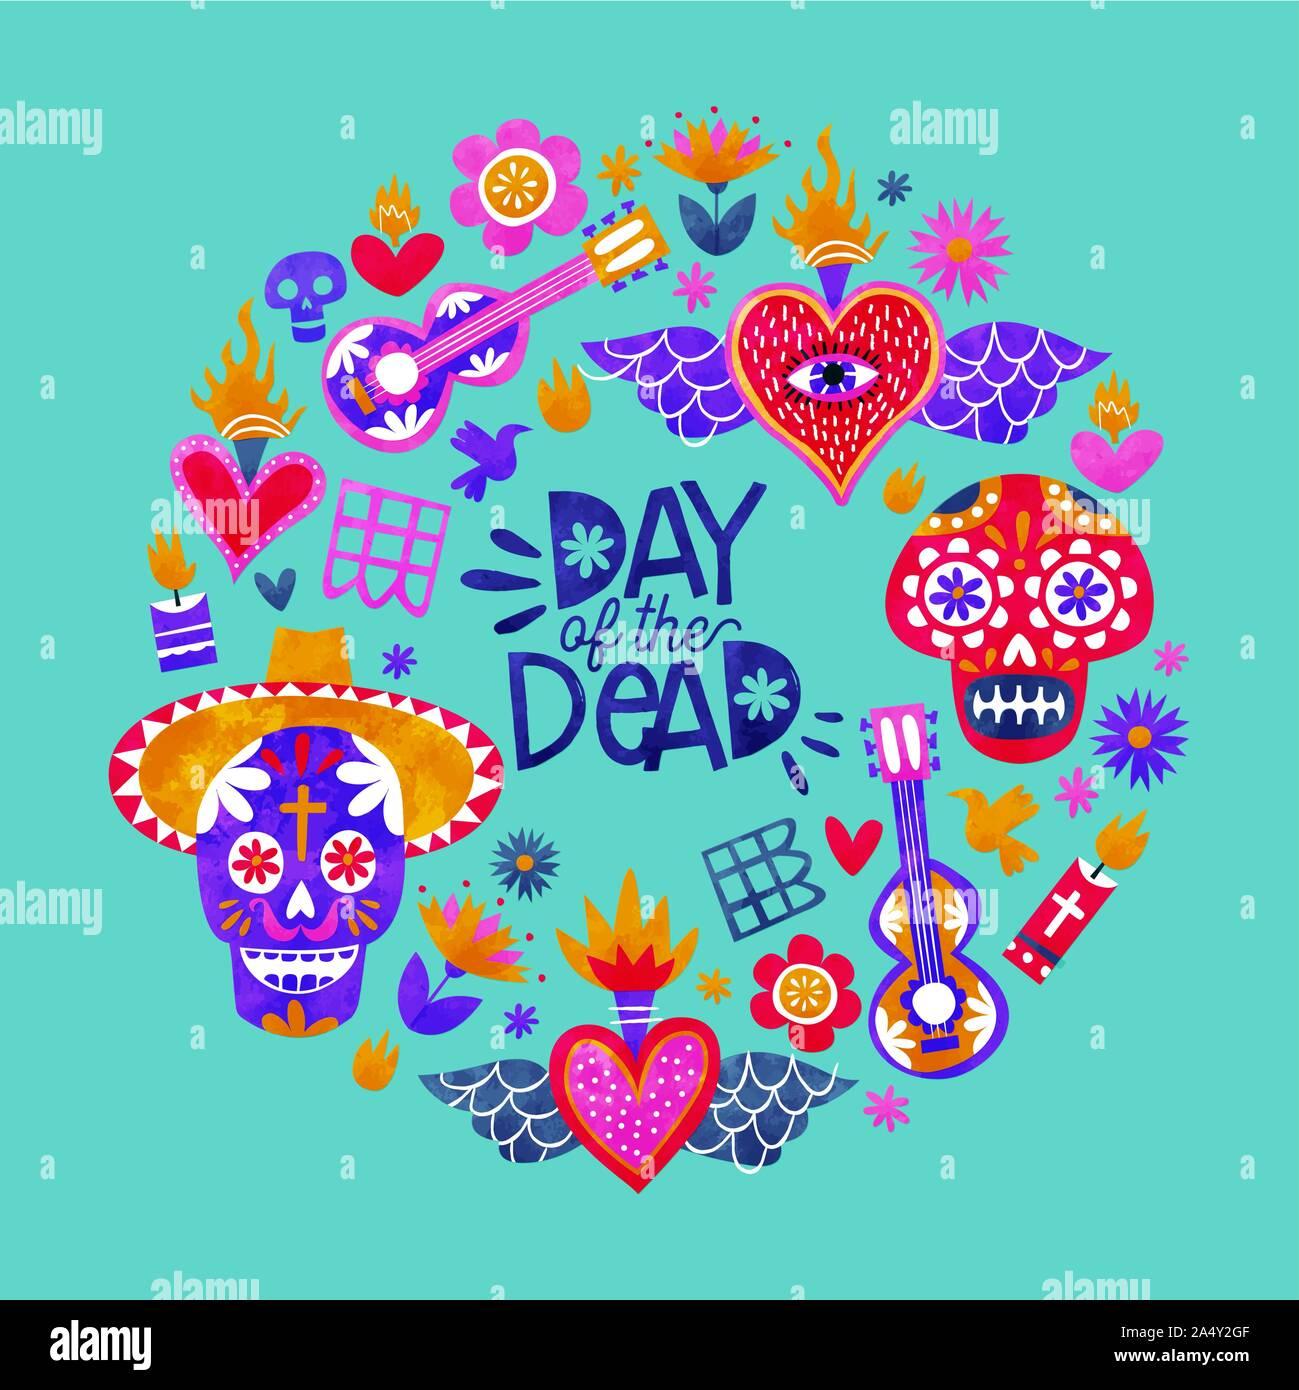 Le Jour des Morts au Mexique, carte de vœux de la culture traditionnelle des icônes dans l'aquarelle colorée. Comprend le sucre crâne, Mexican Hat, une guitare mariachi Illustration de Vecteur